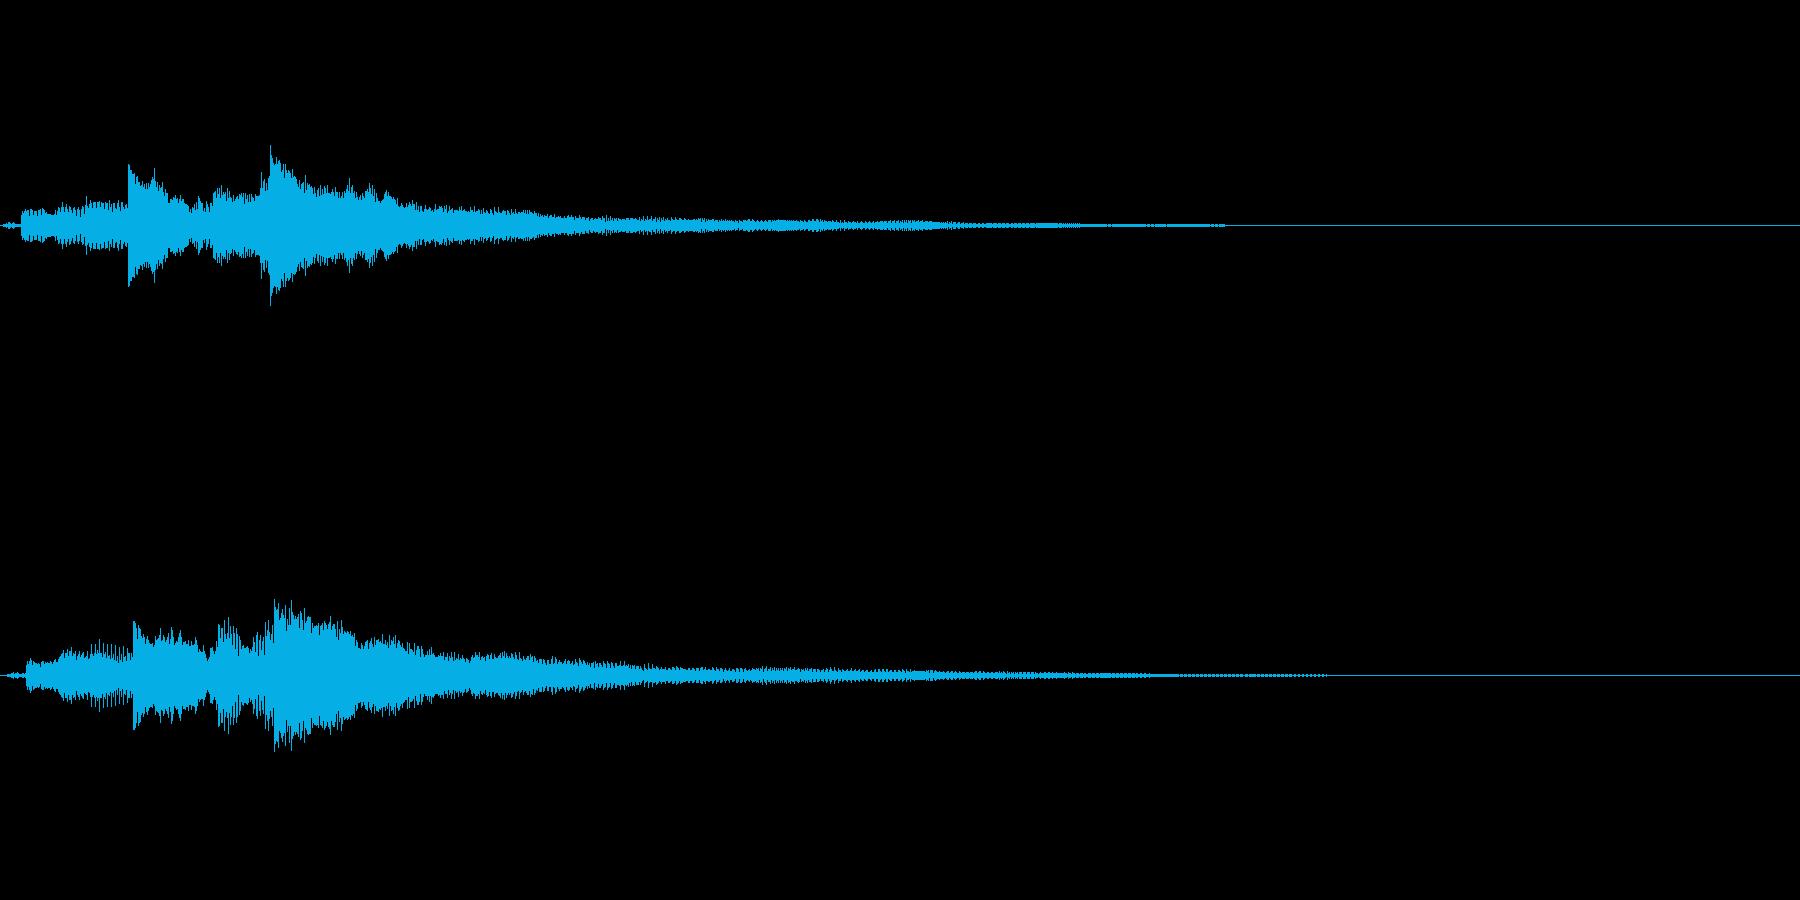 優しい音色のギターサウンドロゴの再生済みの波形